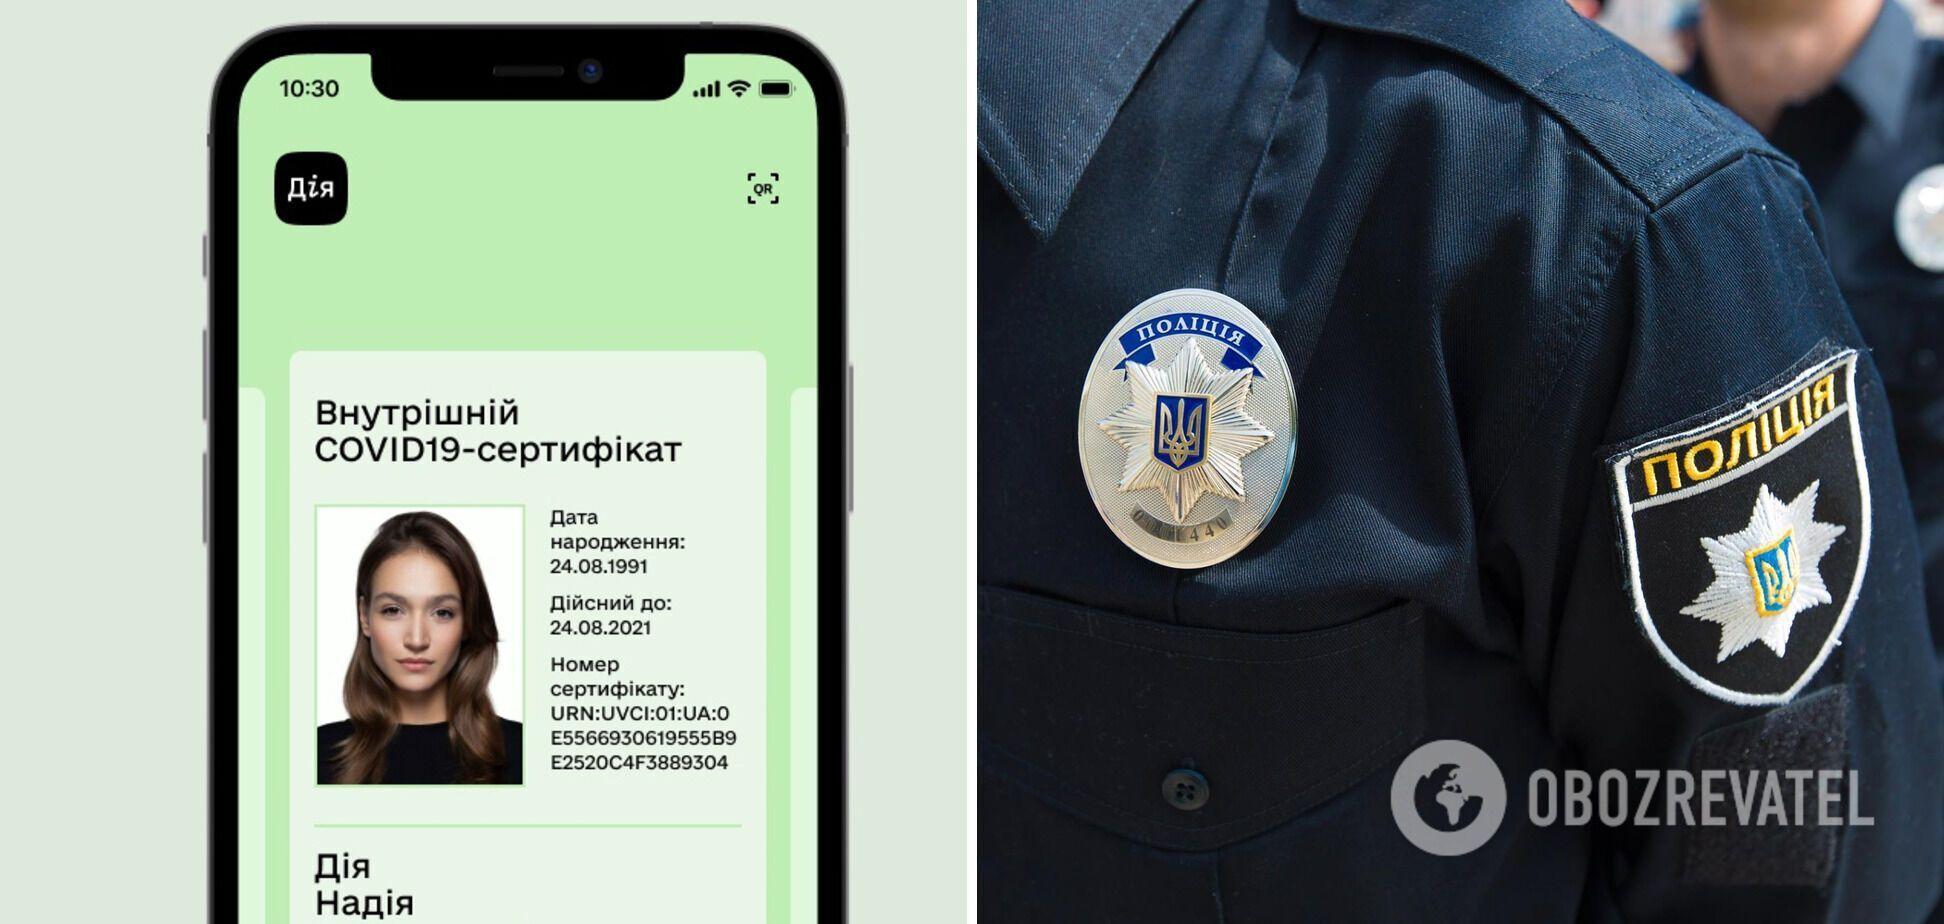 Підробка COVID-сертифікатів в Україні